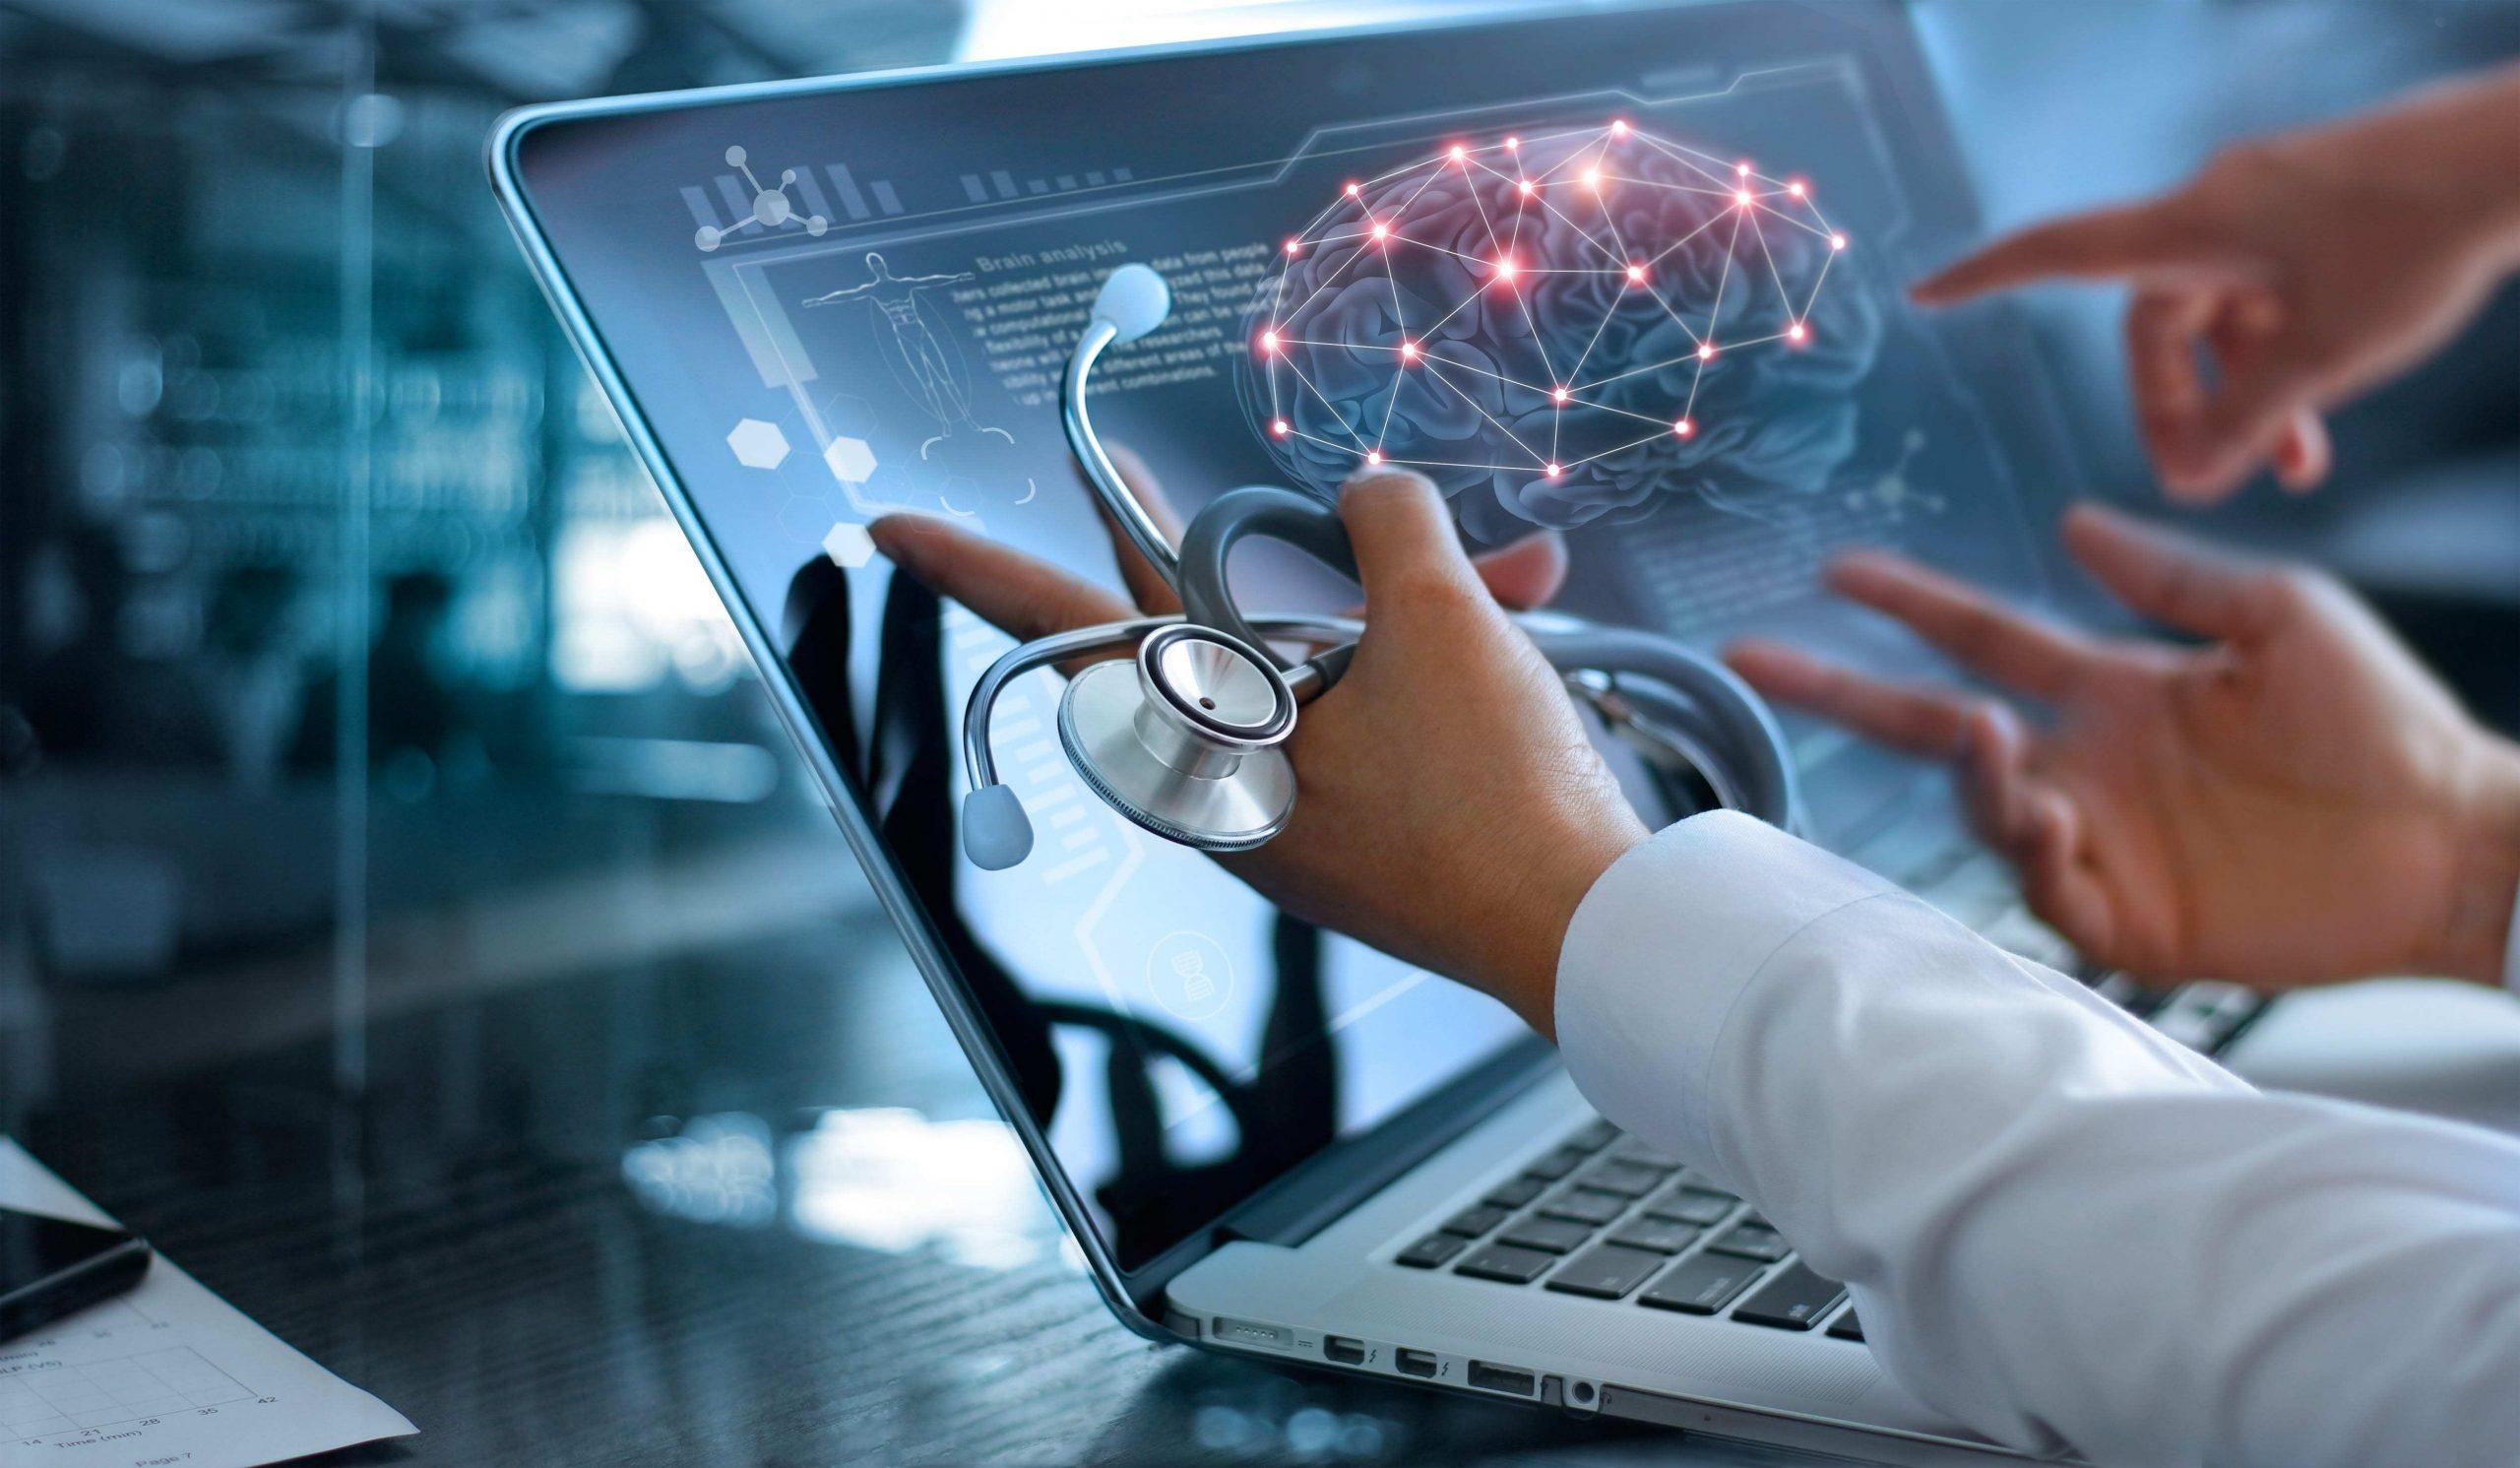 Diplomado en Herramientas Analíticas para Epidemiología